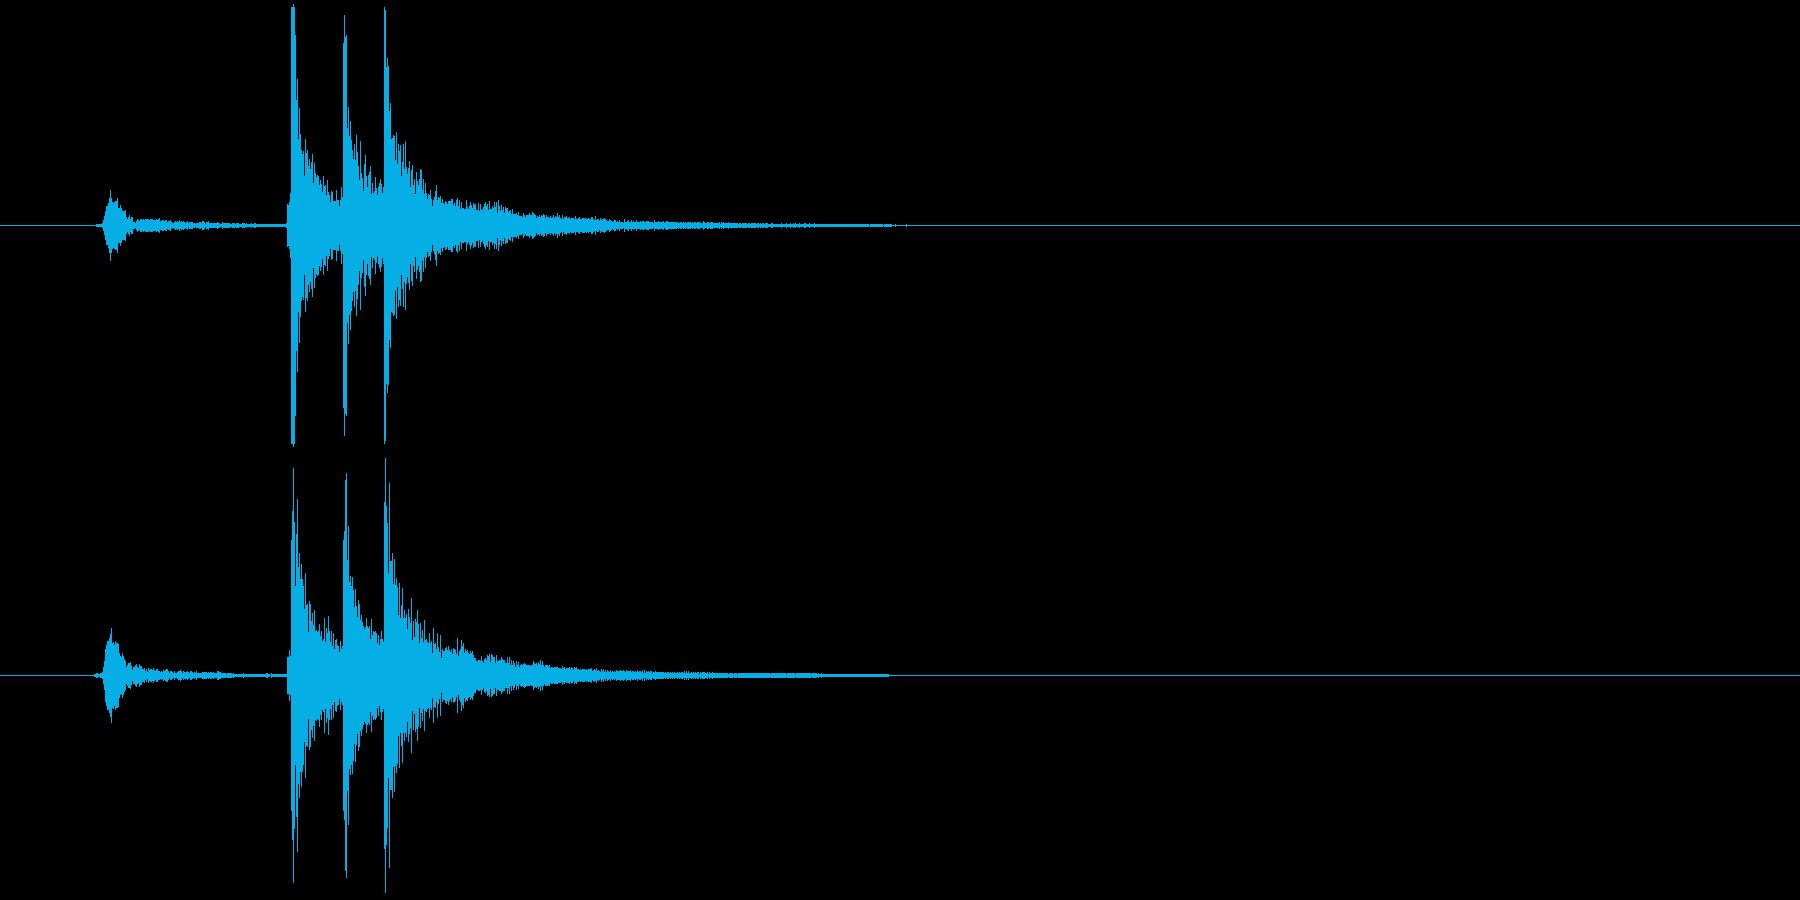 和の素材_三味線と掛け声_ジャカジャーンの再生済みの波形